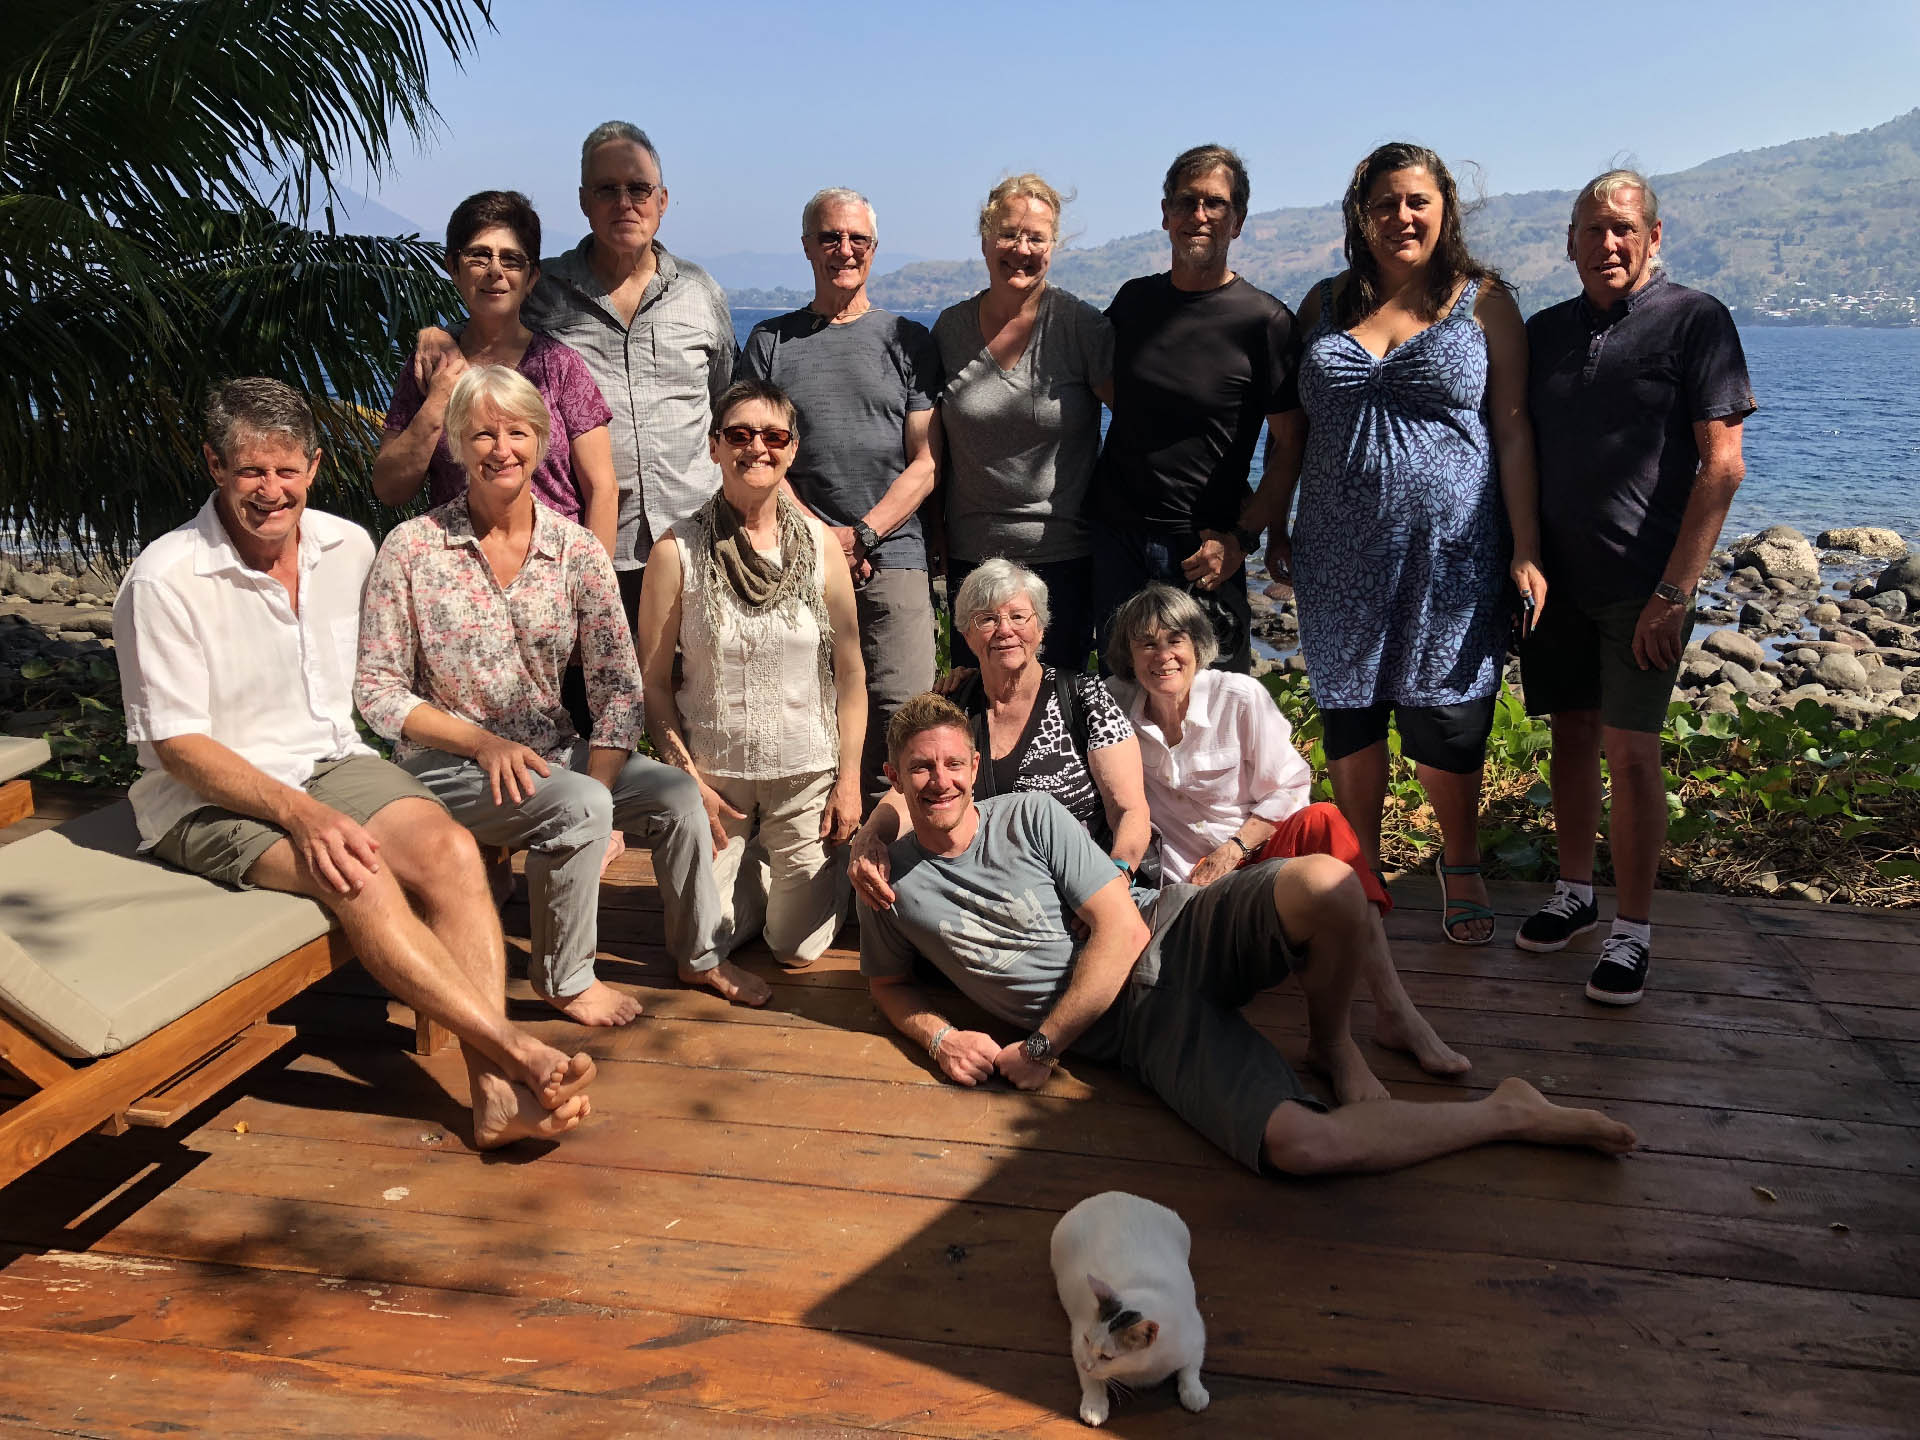 Snorkel Venture guest group photo